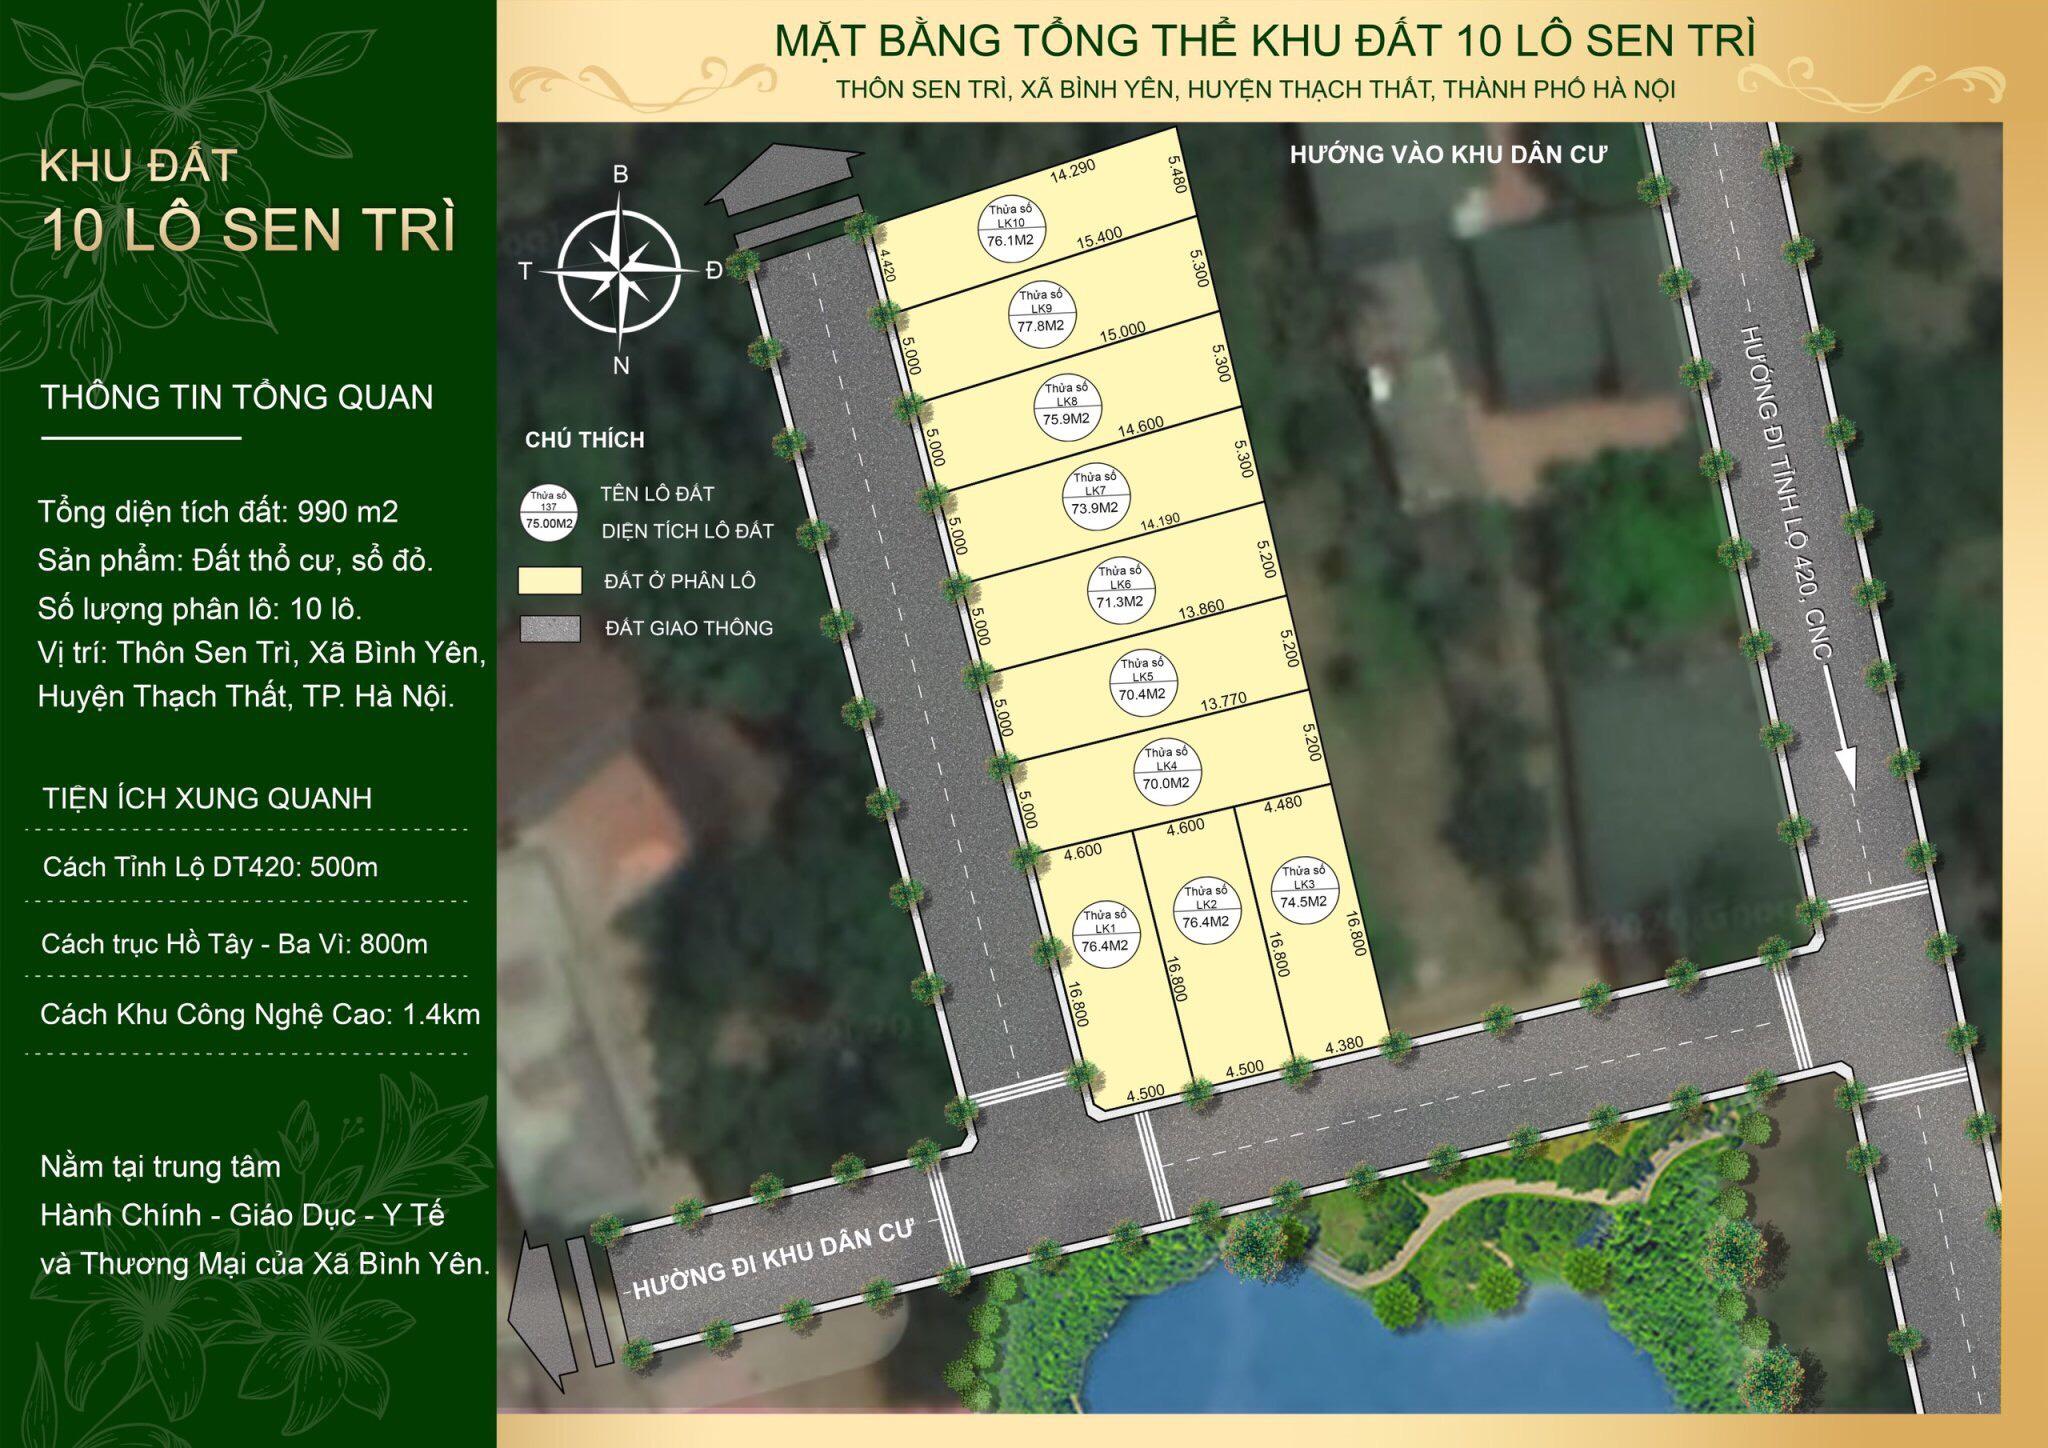 Mặt bằng tổng thể khu đất 10 lô Sen Trì, Bình Yên, Thạch Thất, Hà Nội